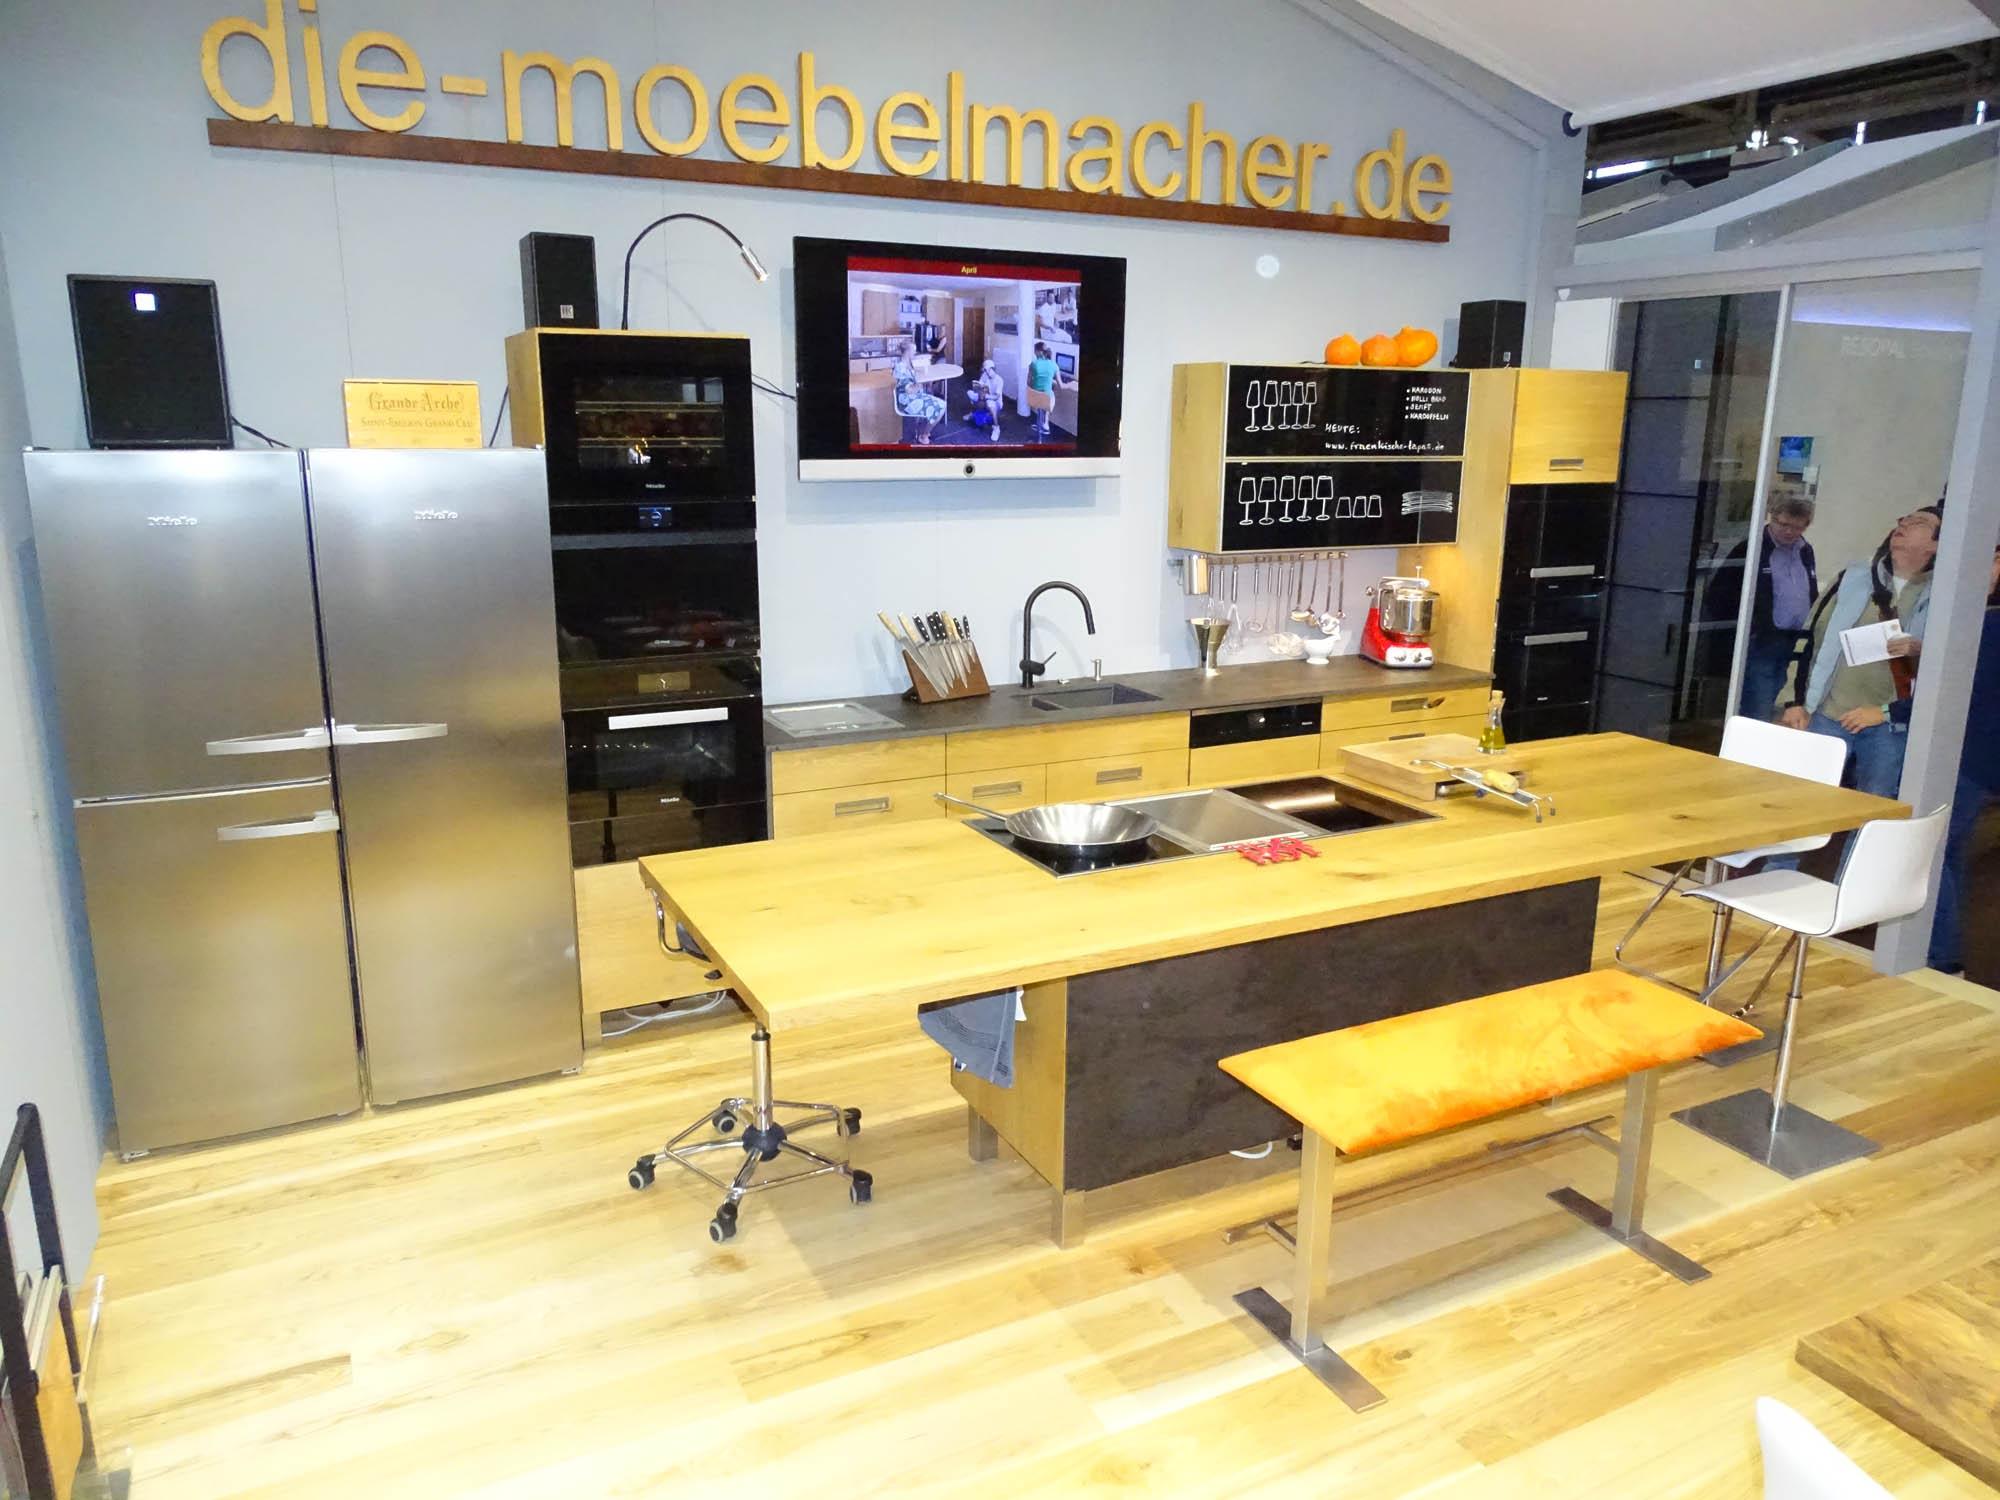 Massivholzküchen der Möbelmacher 2017: Die Möbelmacher